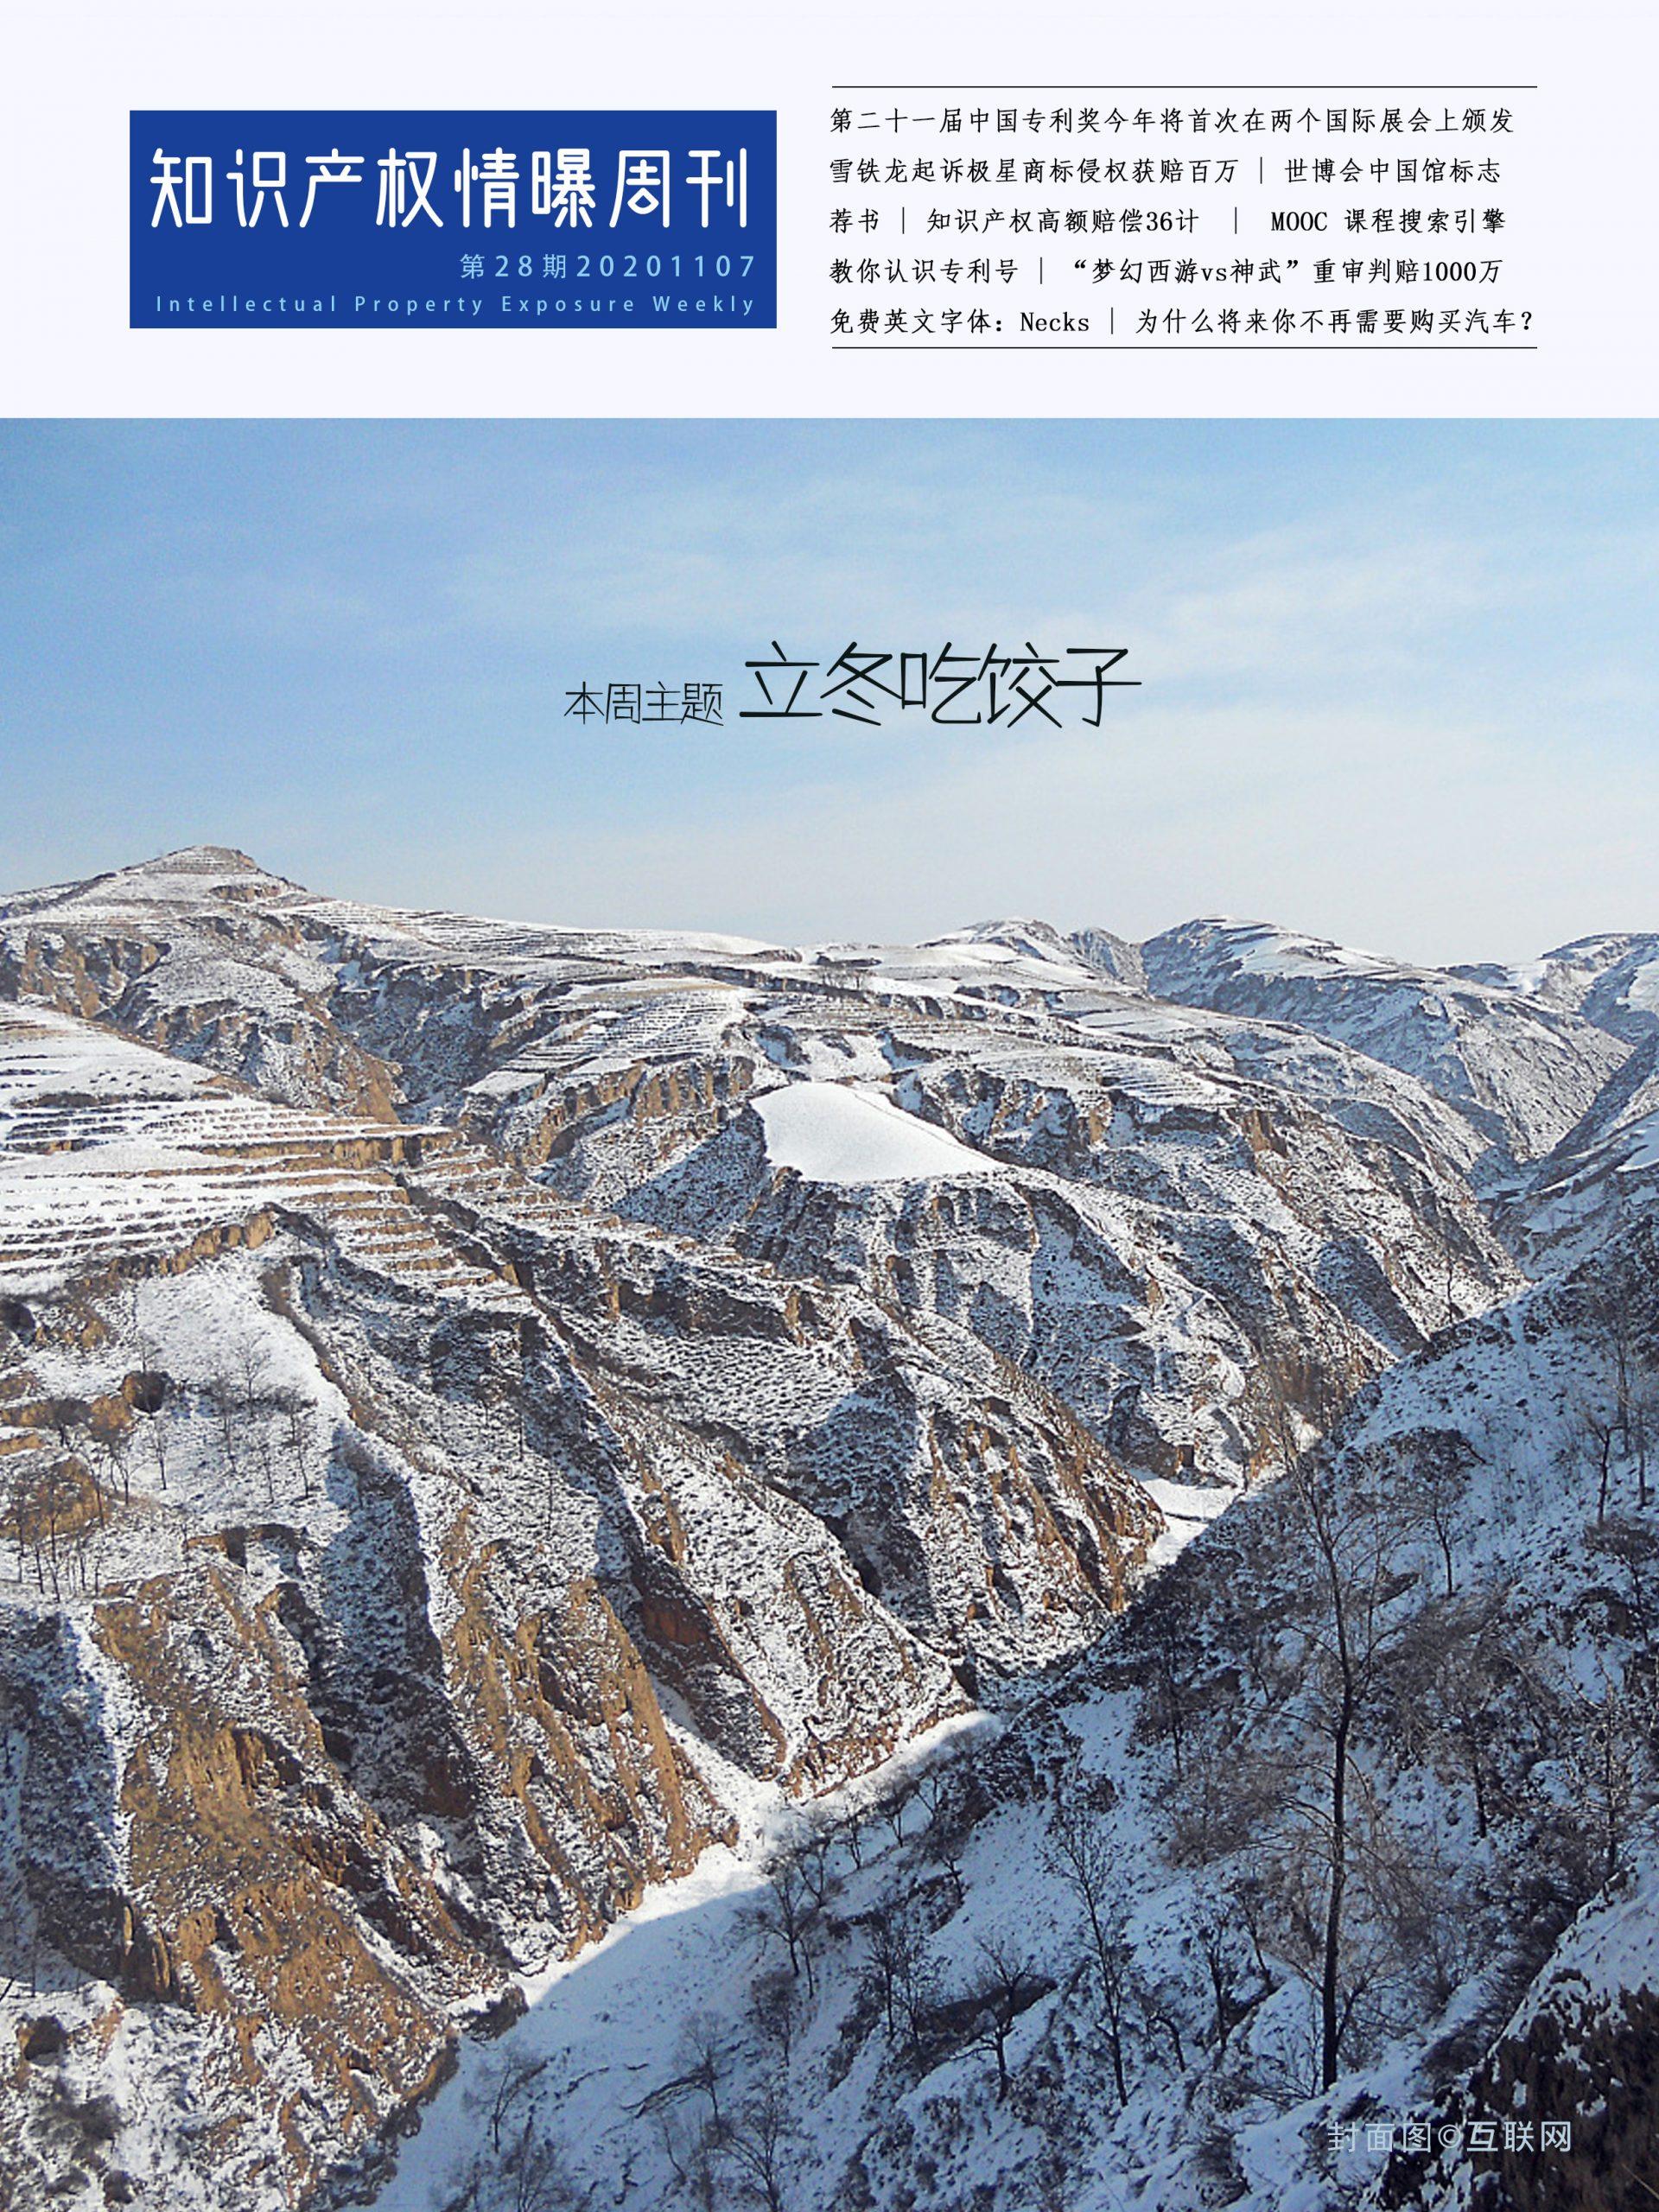 知识产权情曝周刊:第28期20201107(立冬吃饺子)